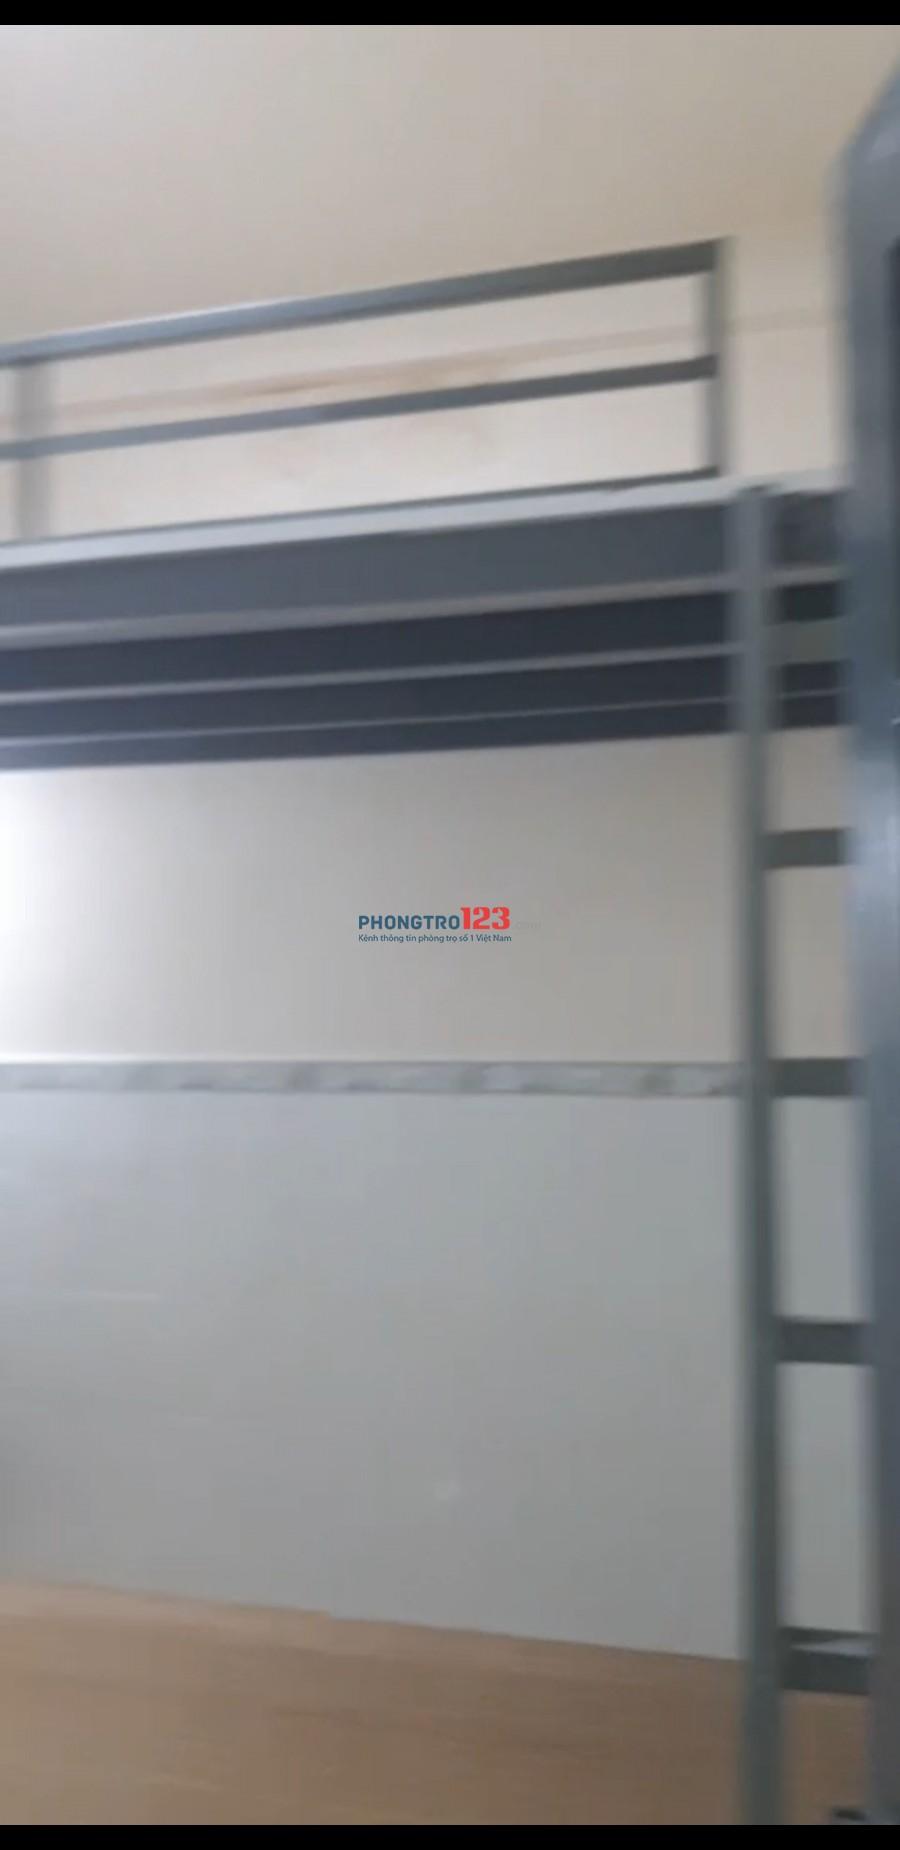 Tìm nam sinh viên ở ghép. Phòng có máy lạnh máy nước nóng có gác, giờ giấc tự do khóa vân tay